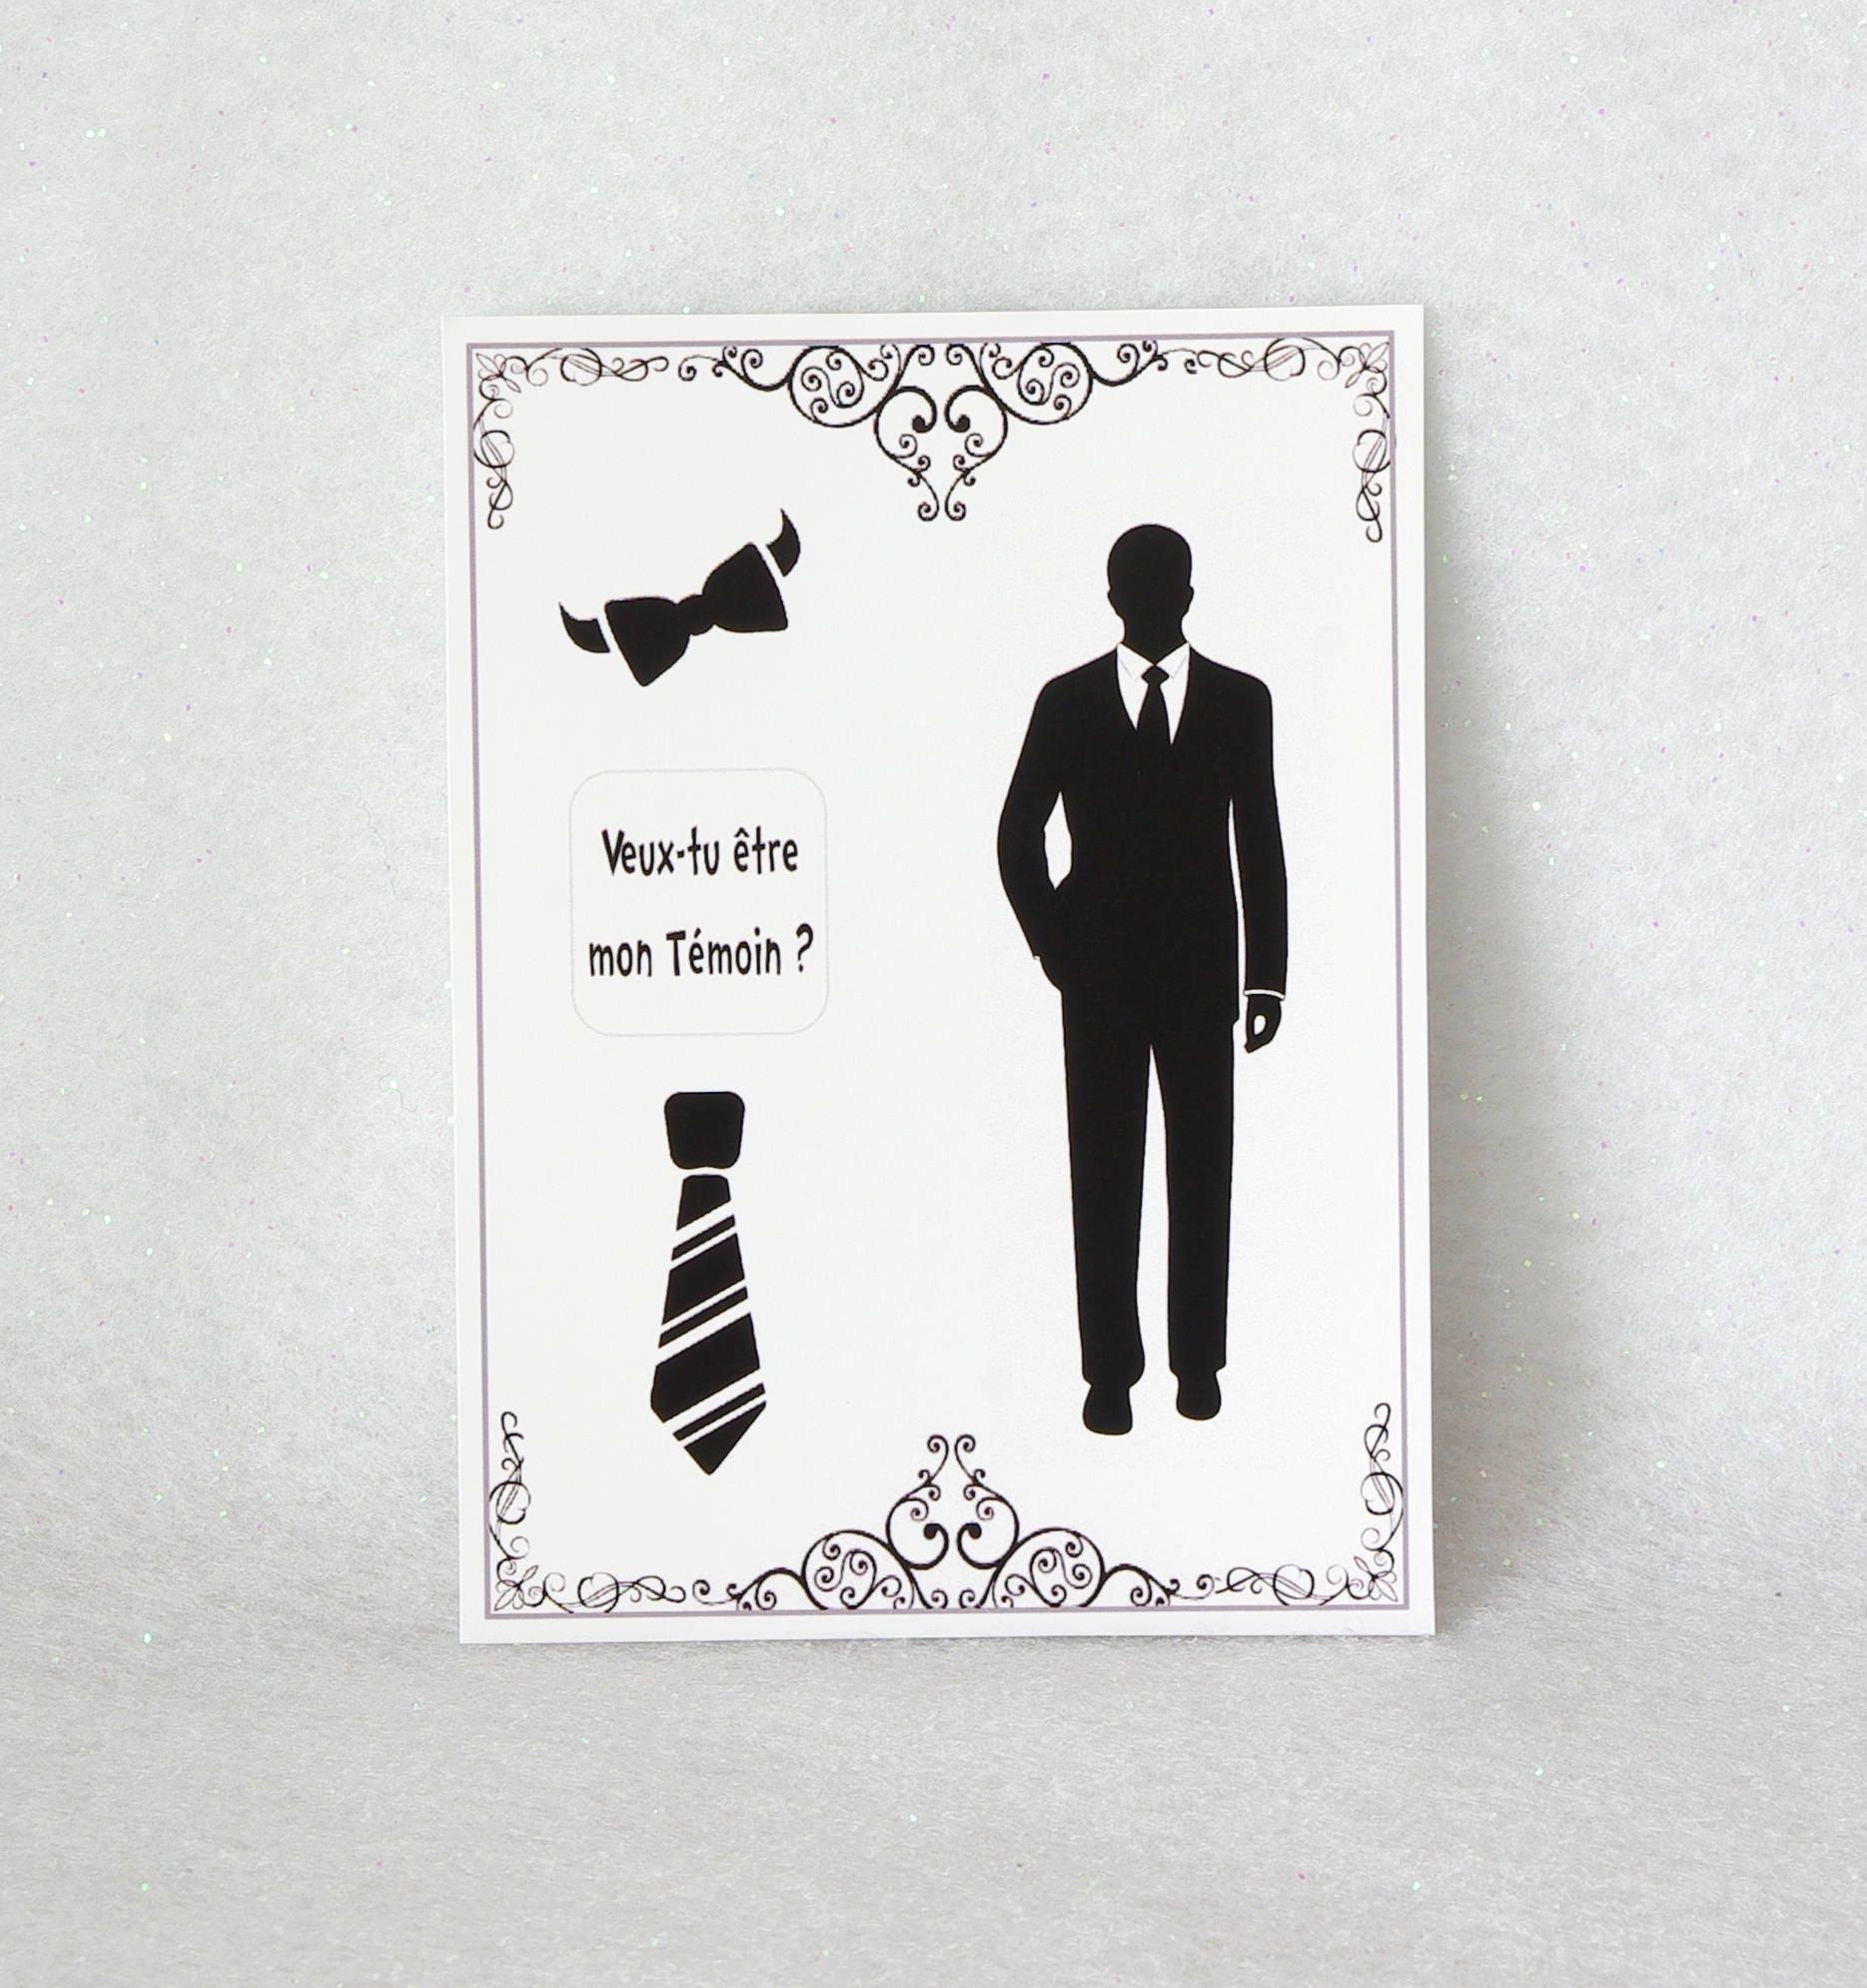 Annonce Témoin Mariage intérieur 1 carte jeu à gratter personnalisée mariage témoin grossesse